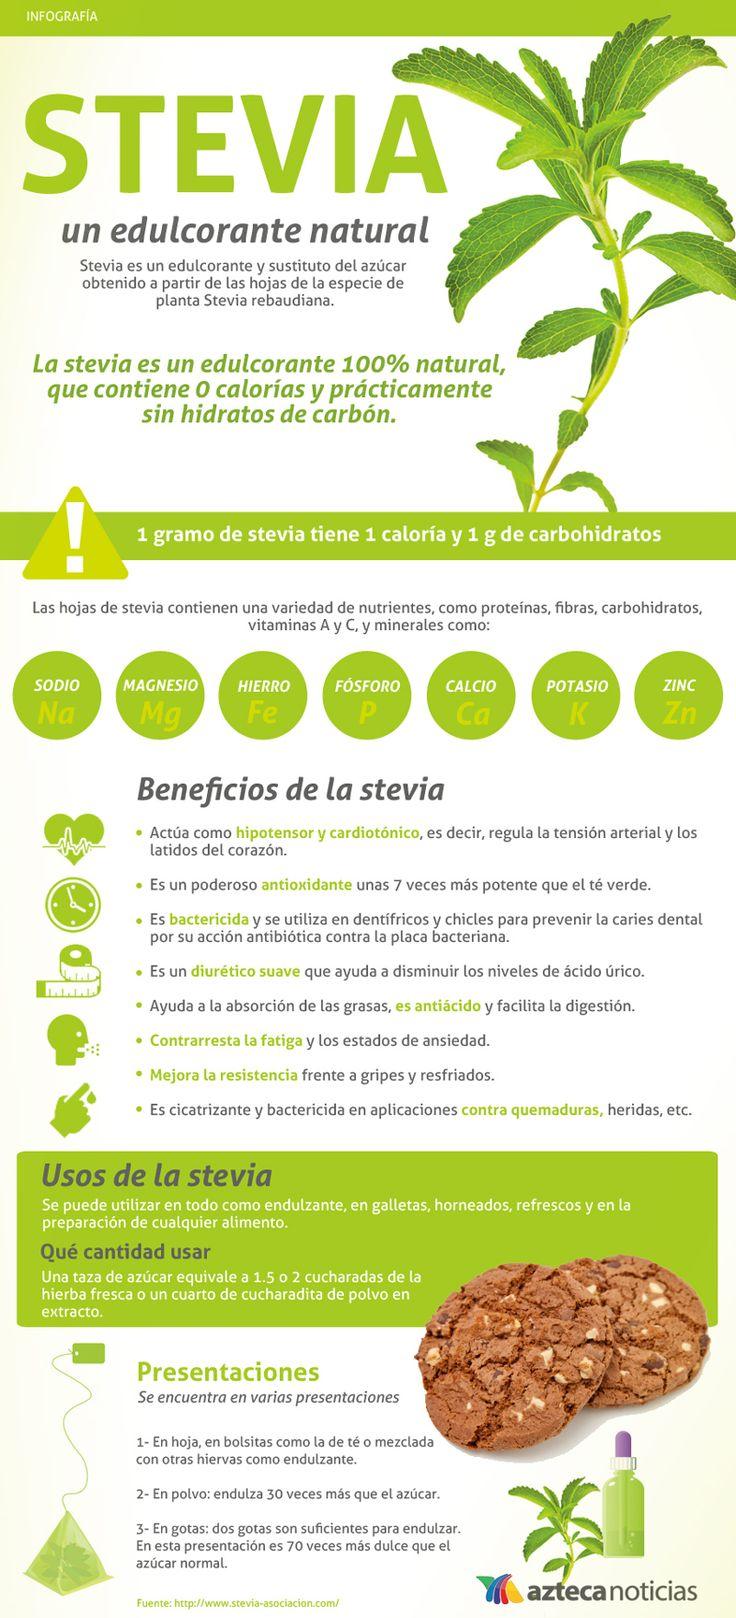 STEVIA, un edulcorante natural #infografia